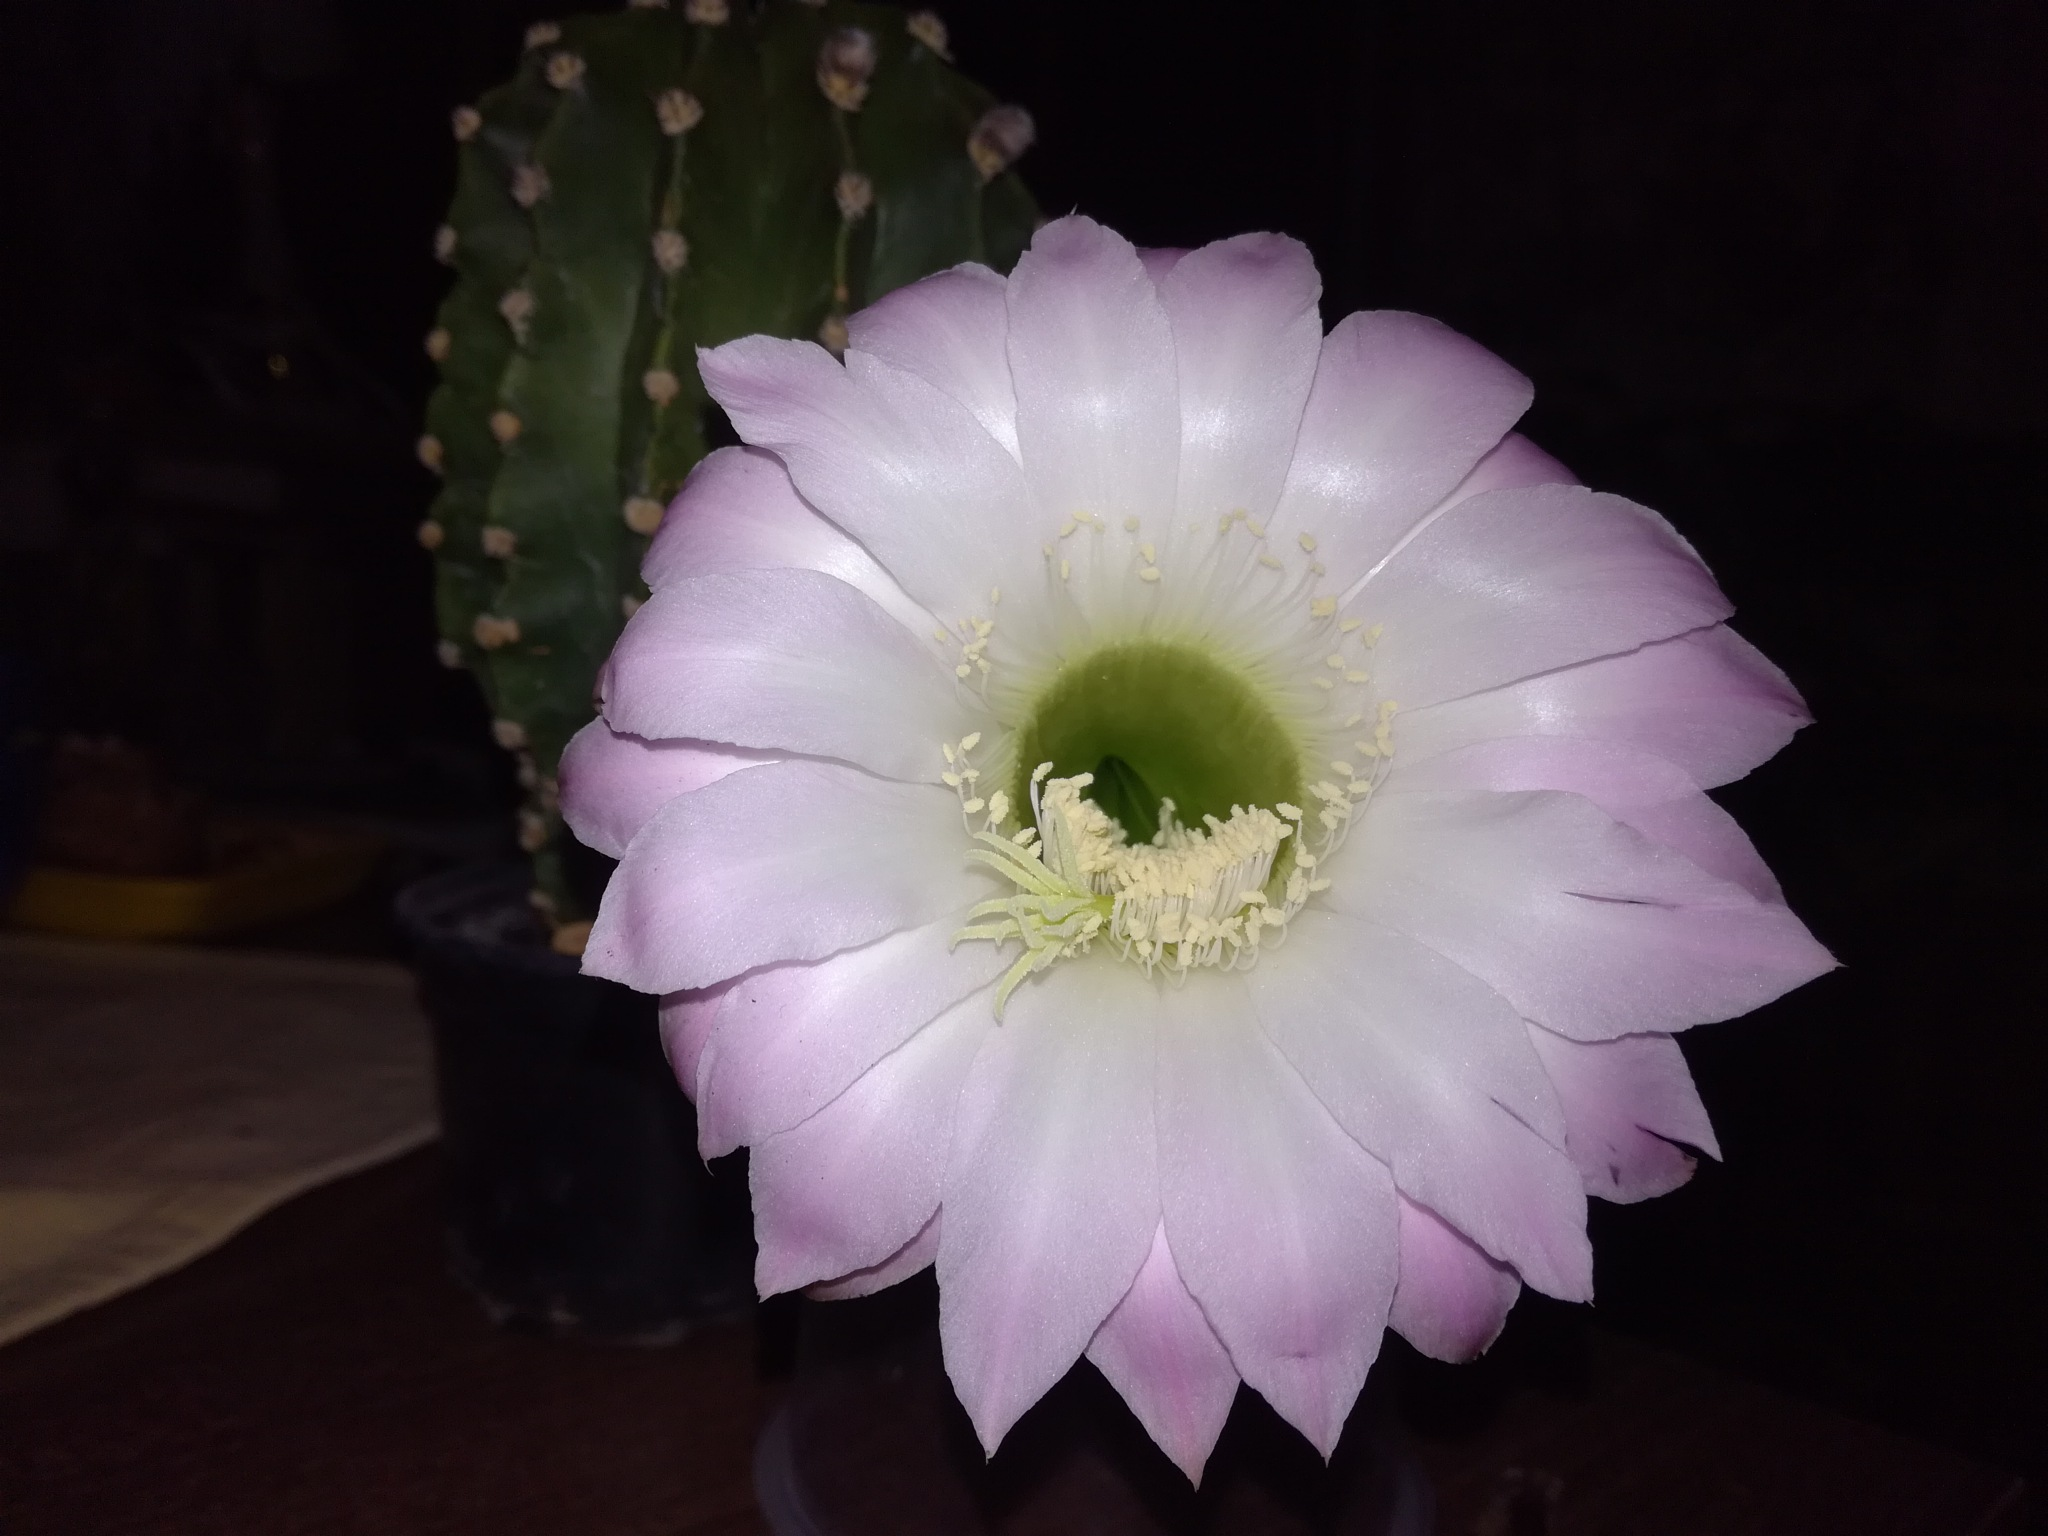 My cactus by uzkuraitiene62